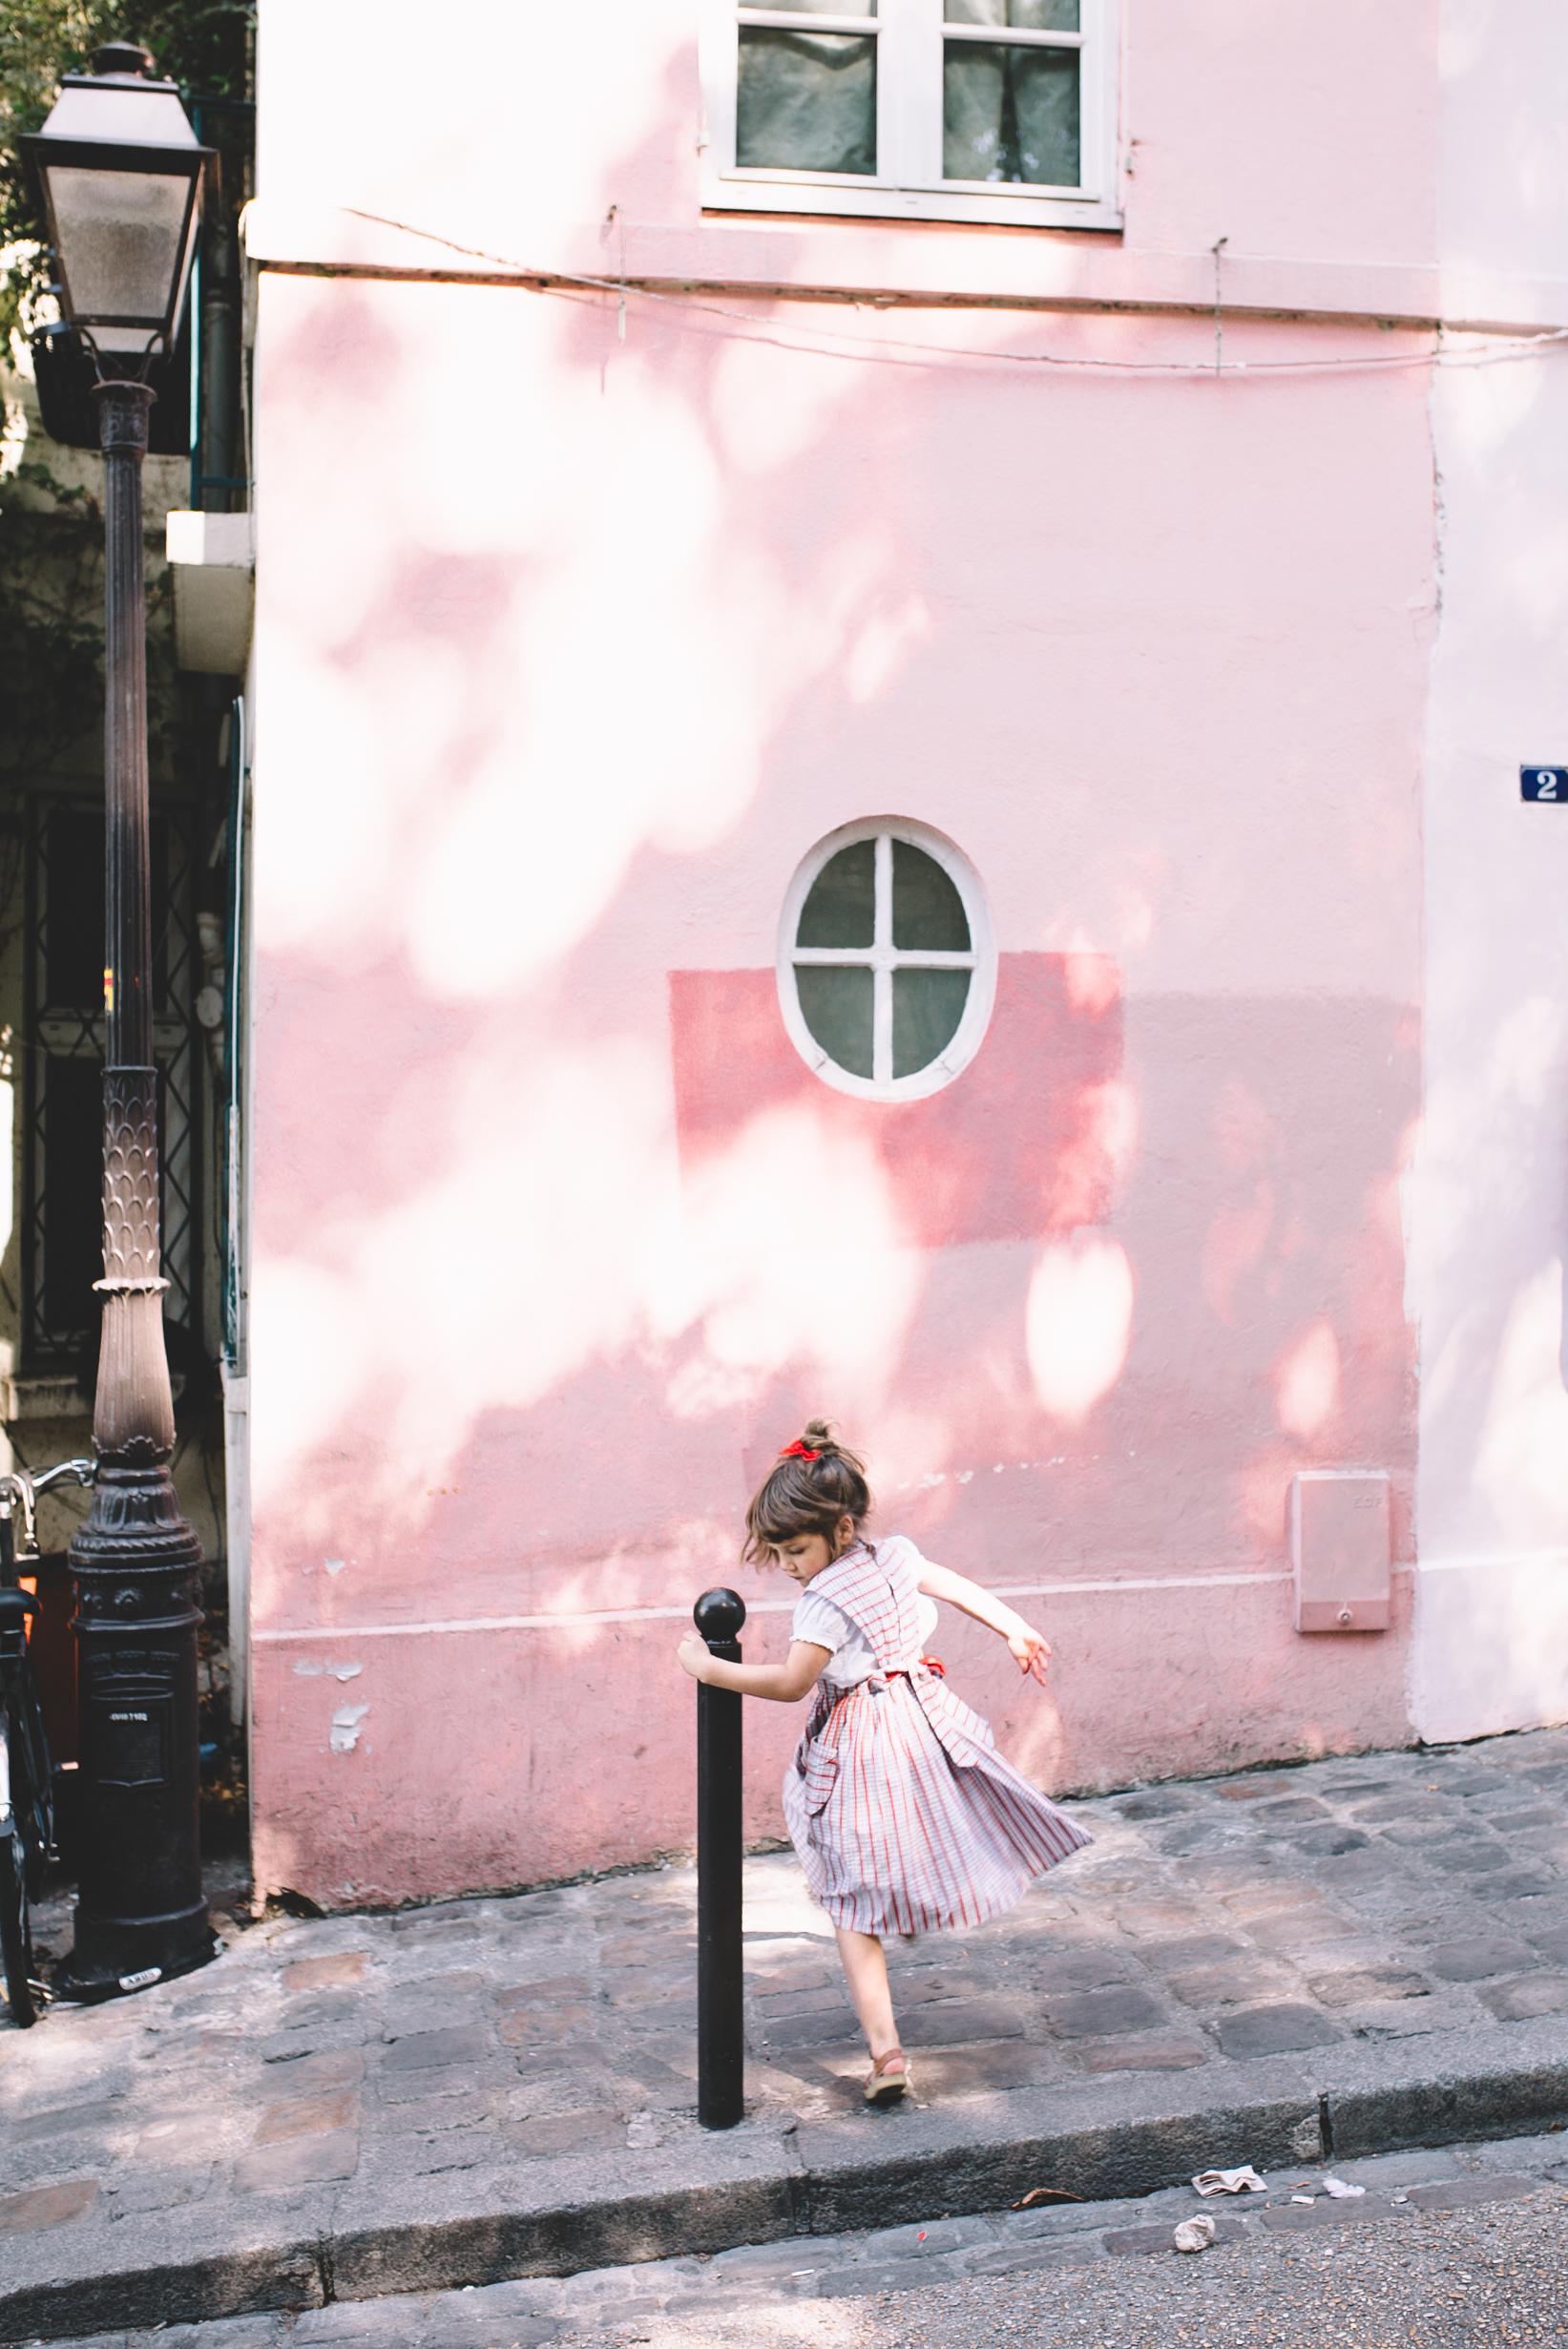 Montmartre La Maison Rose, Sacre-Coeur (47 of 52).jpg